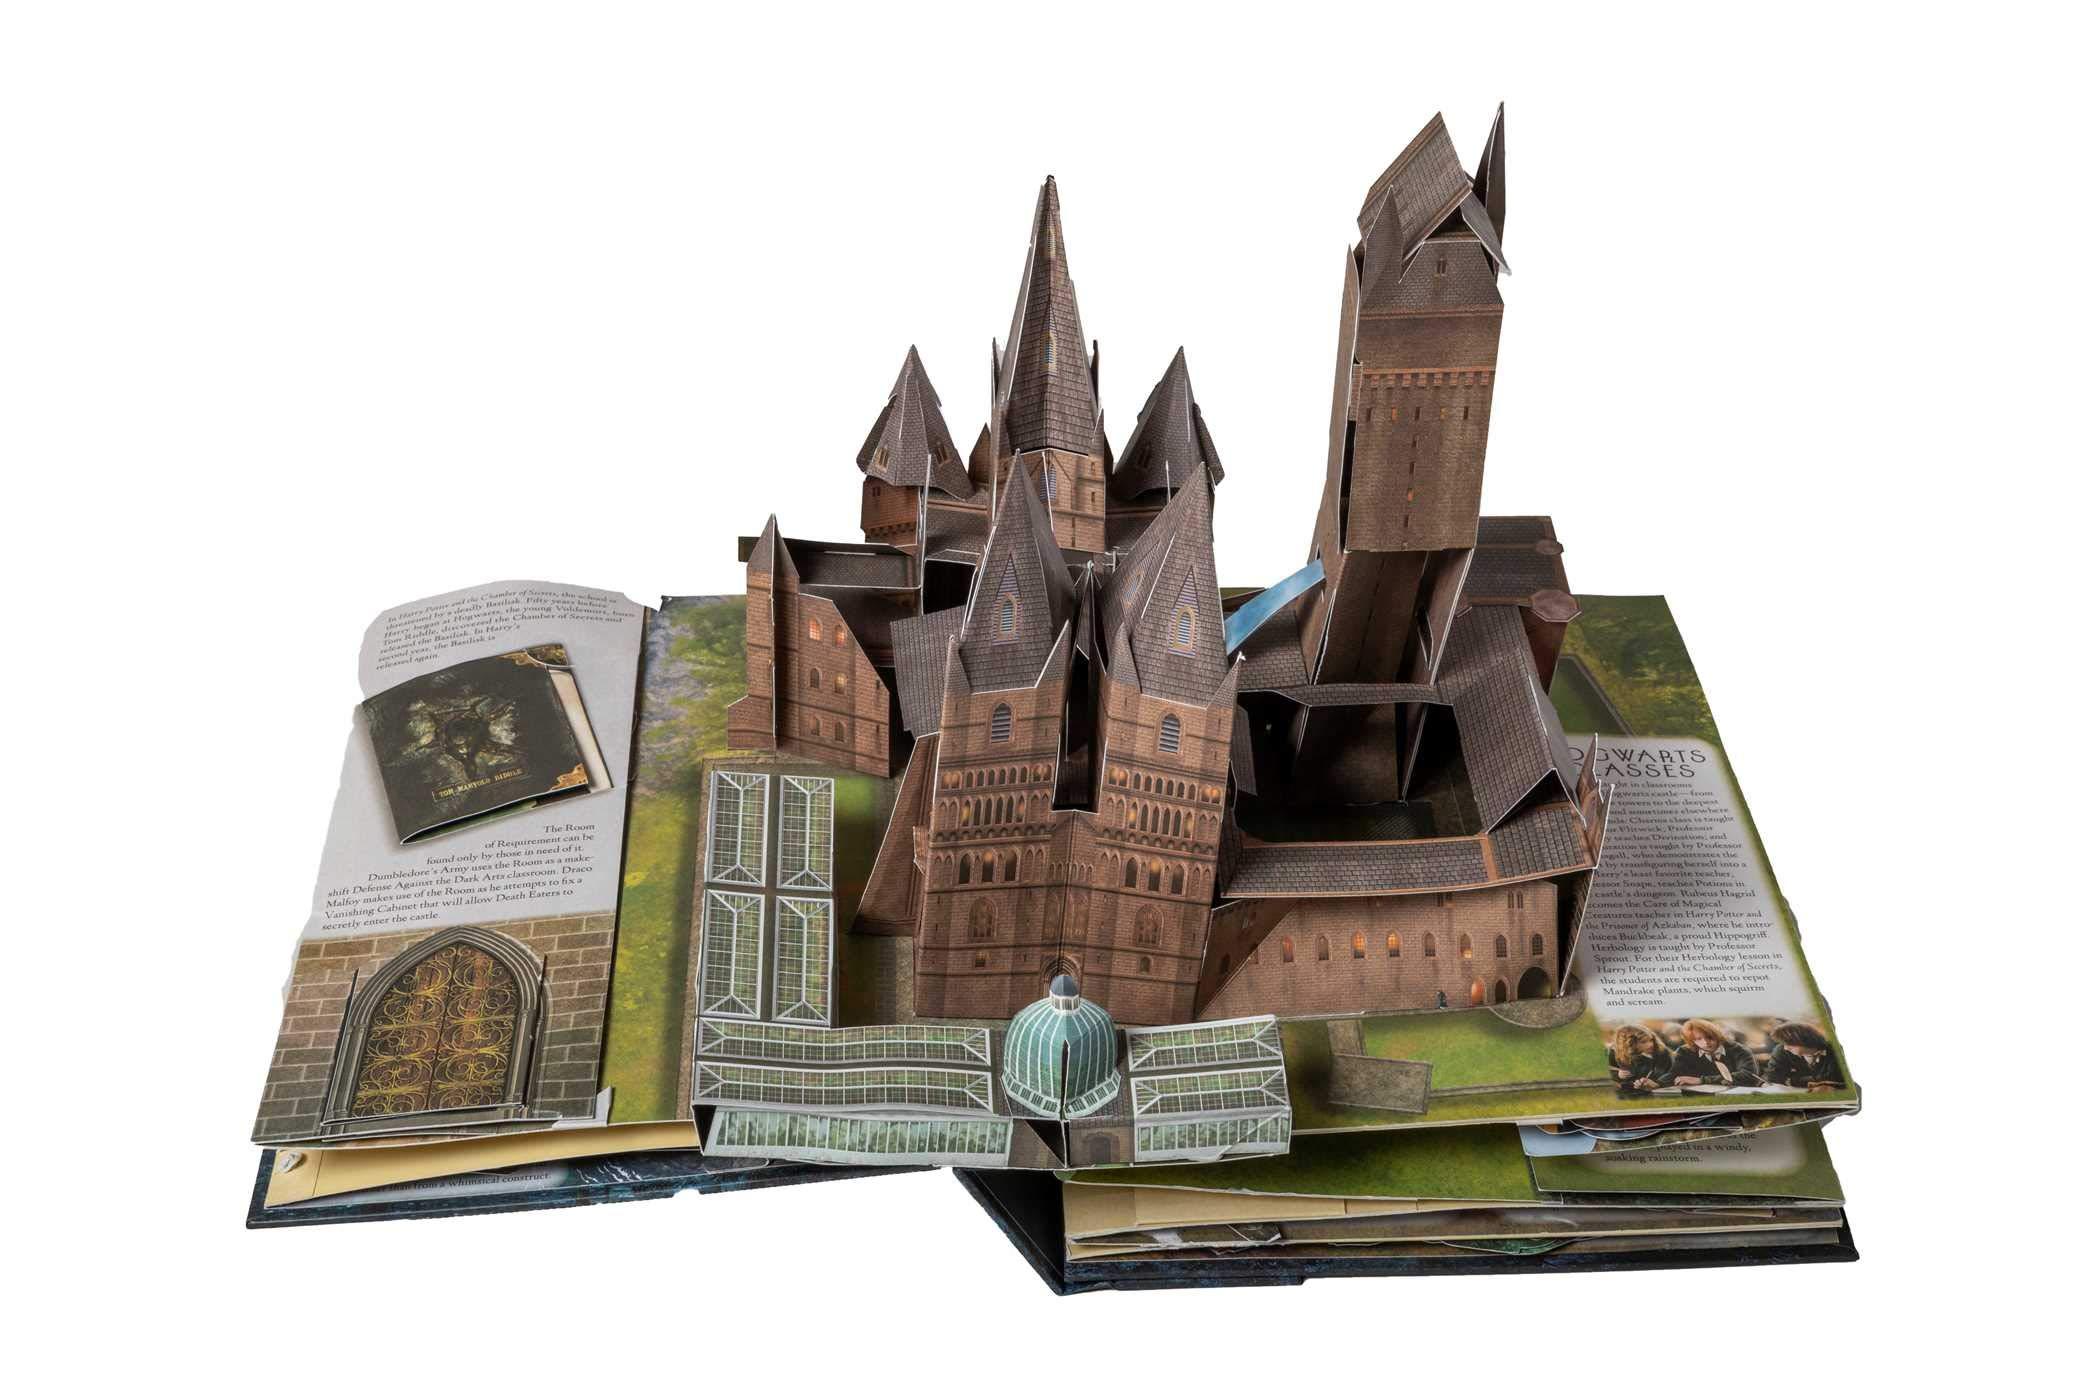 Harry Potter A Pop Up Guide To Hogwarts Matthew Reinhart